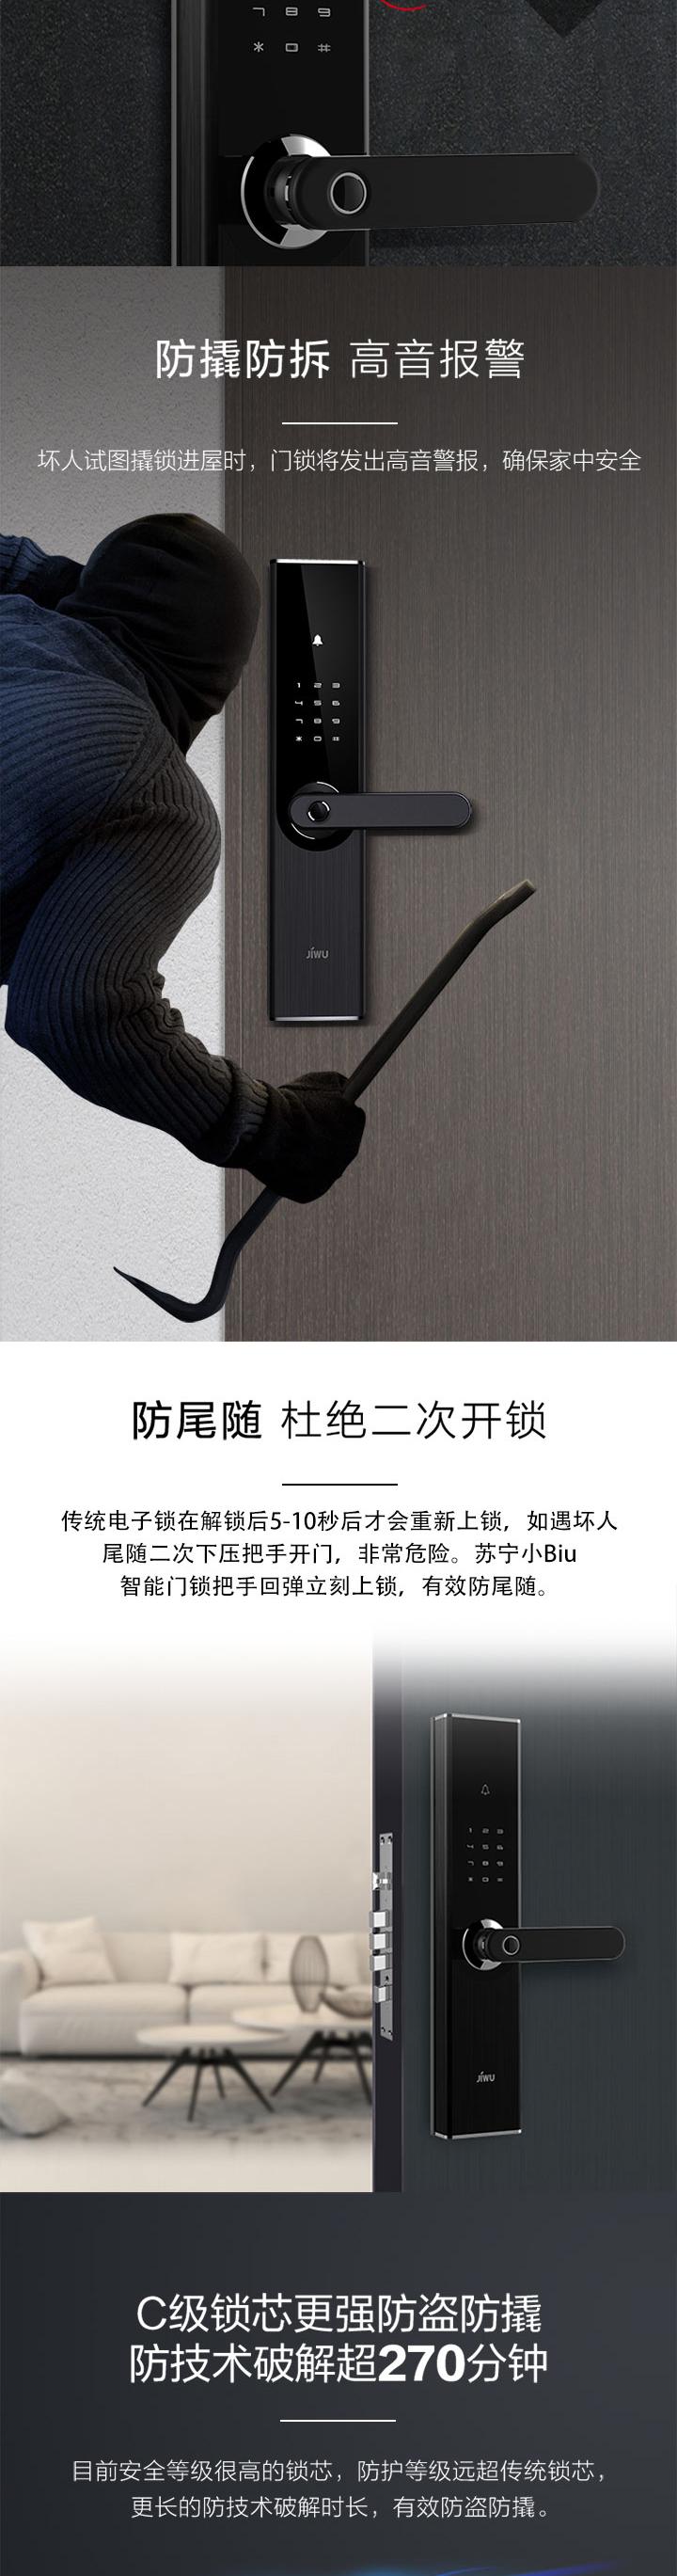 苏宁小Biu智能门锁免费试用,评测